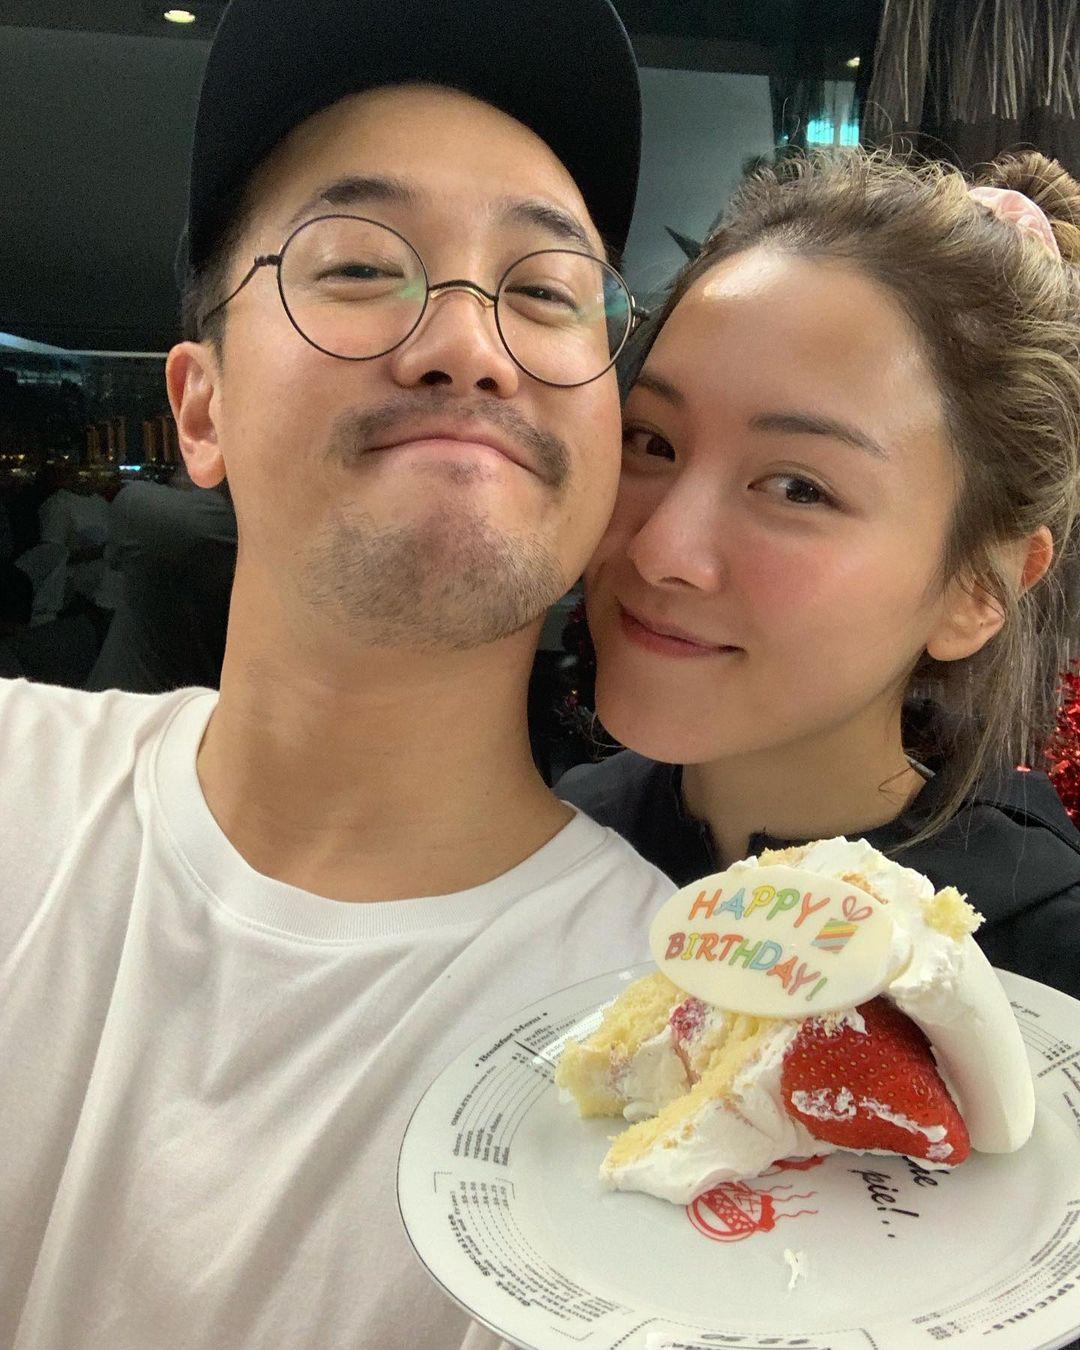 曾國祥41歲生日 老婆王敏奕上載親密合照「放閃」